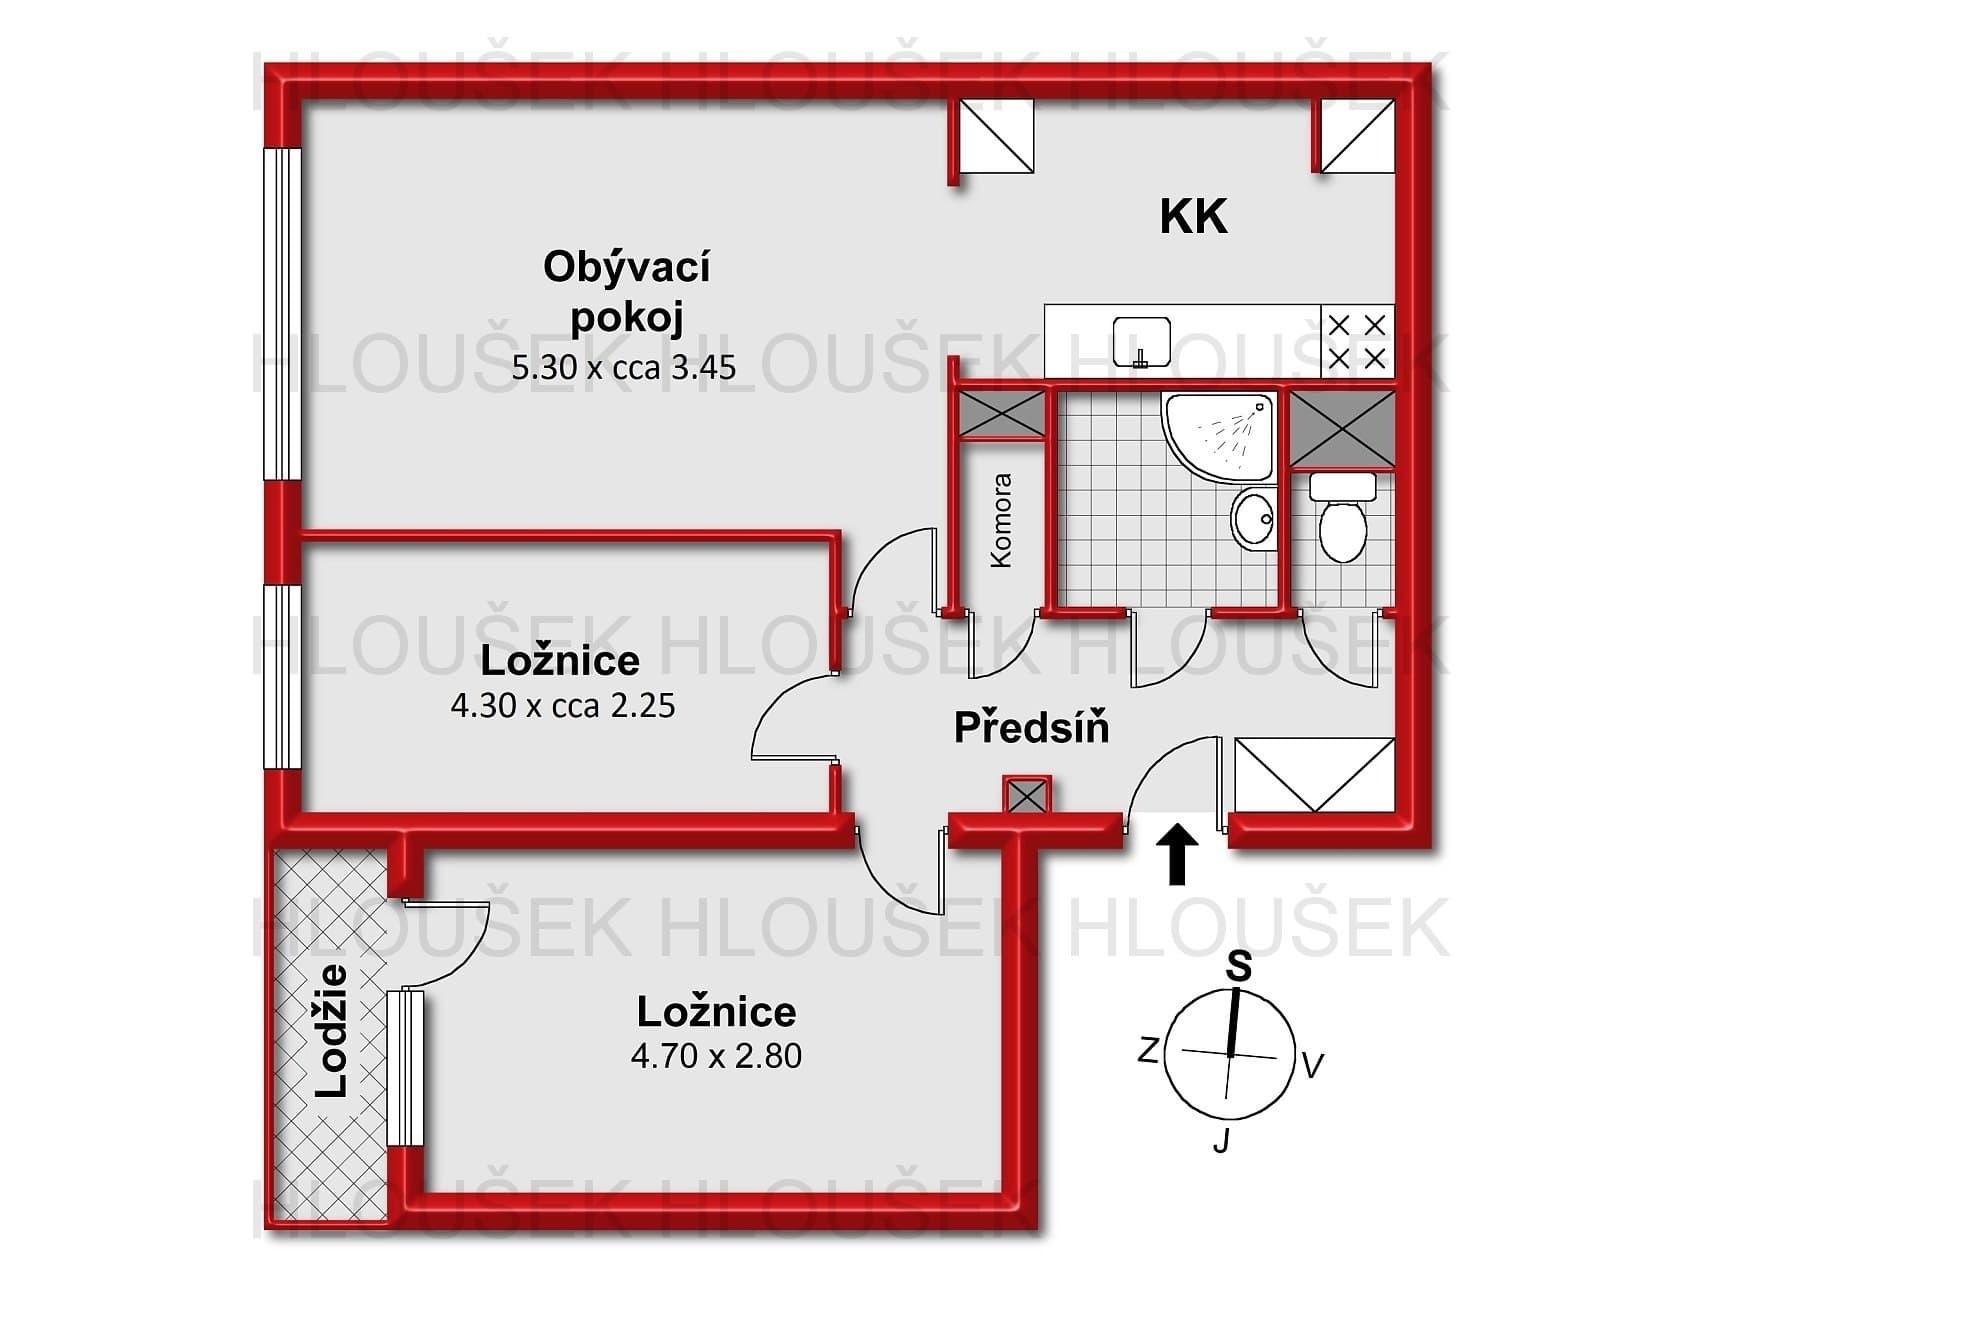 Půdorys bytu 3+kk/L, ul. Křejpského, Praha 4 - Chodov, Jižní Město